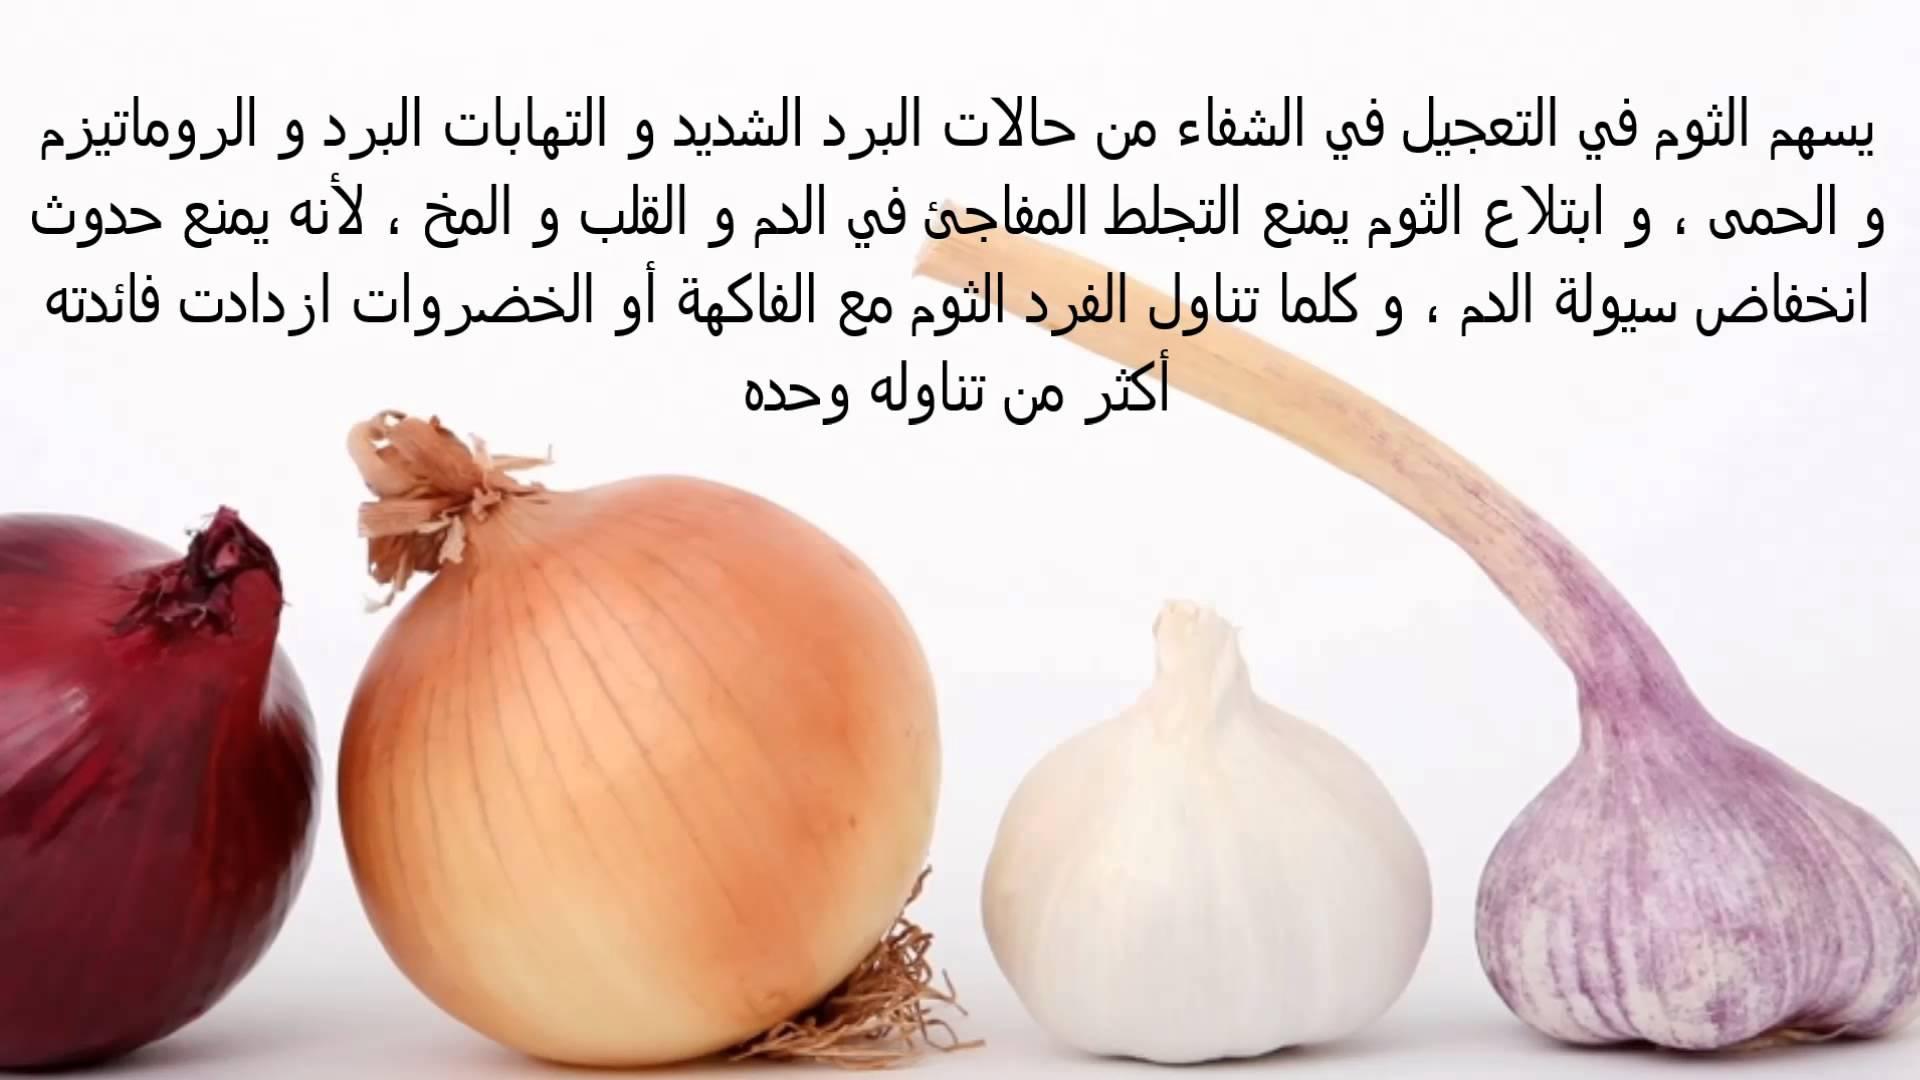 بالصور فوائد الثوم للجسم , تعرف علي الثوم و فوائده 946 2